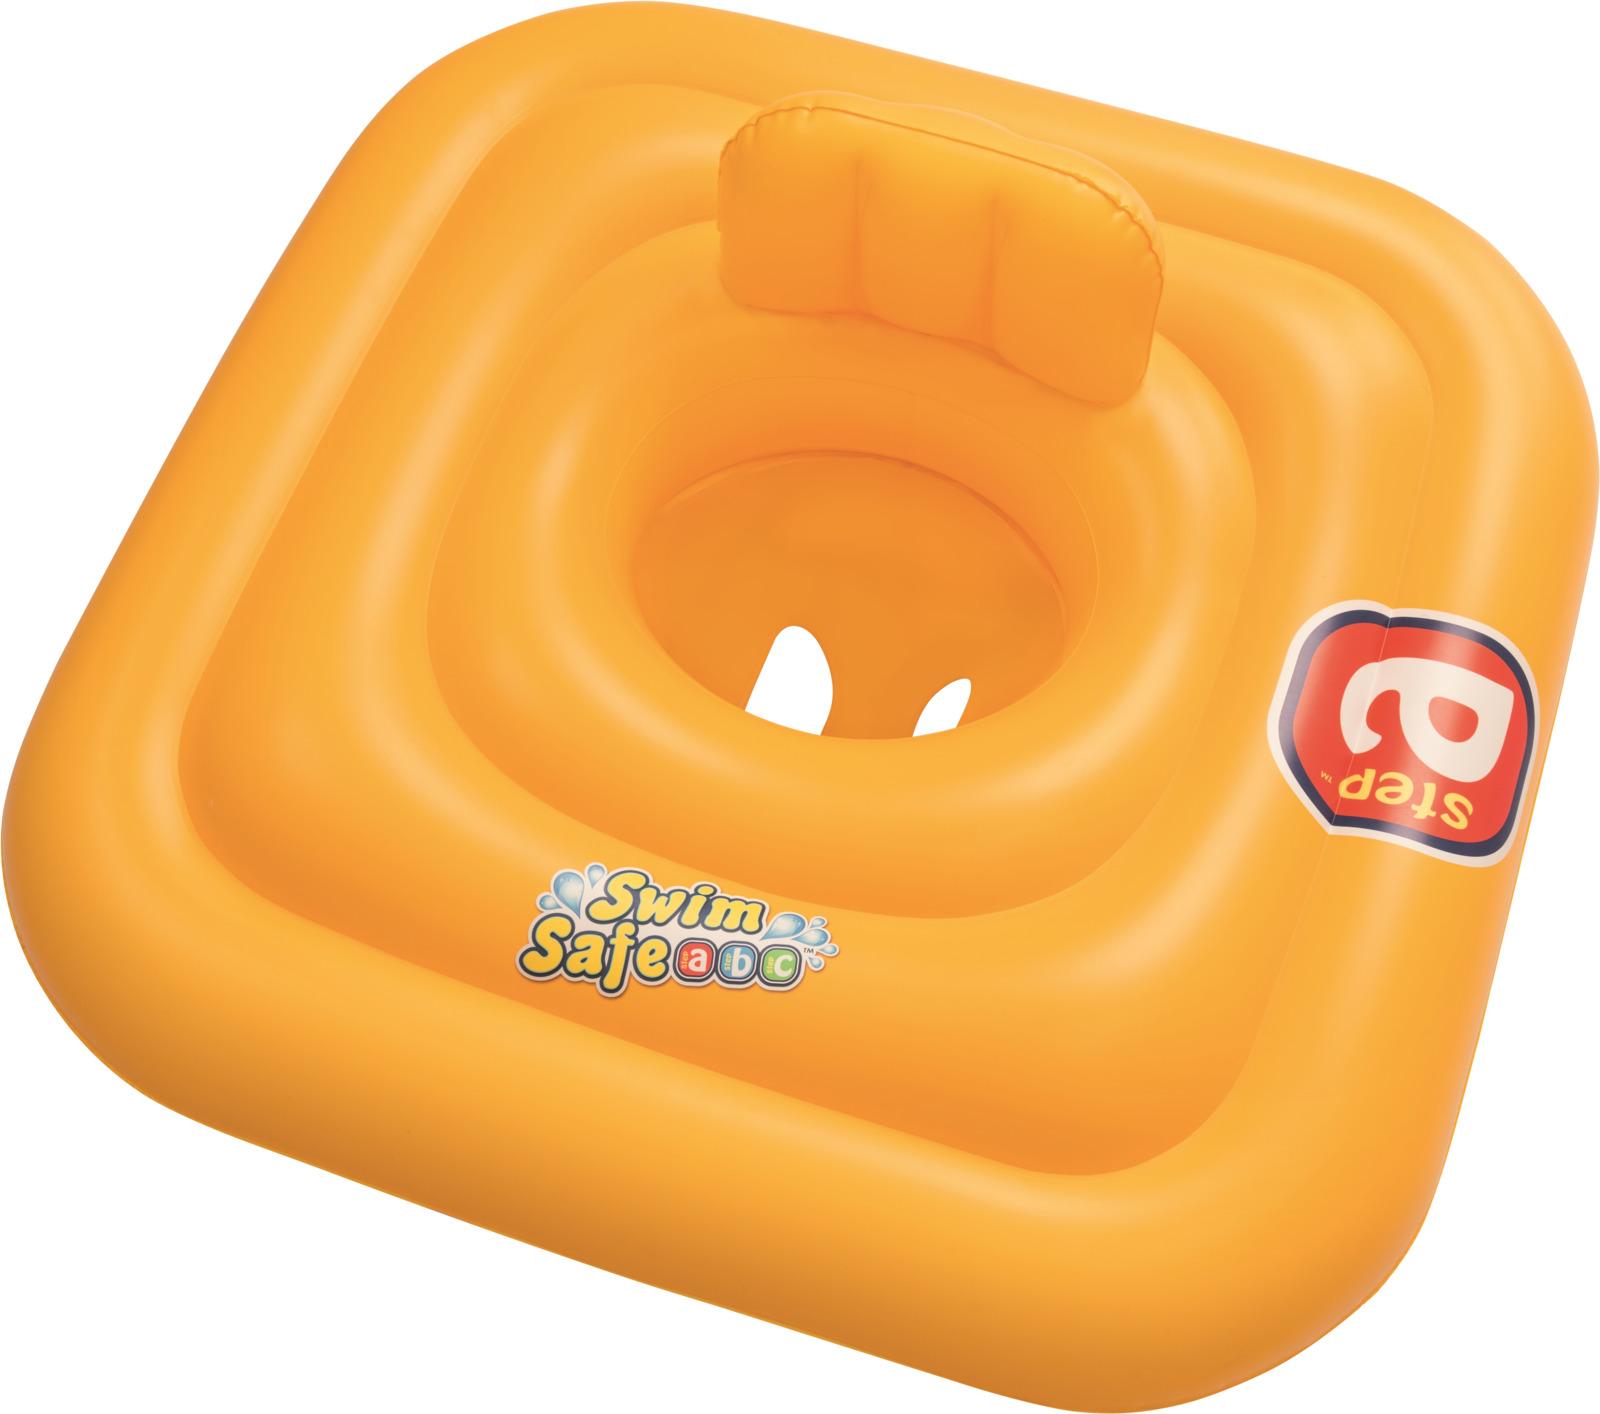 Круг надувной Bestway Swim Safe, 76 х 76 см недорого